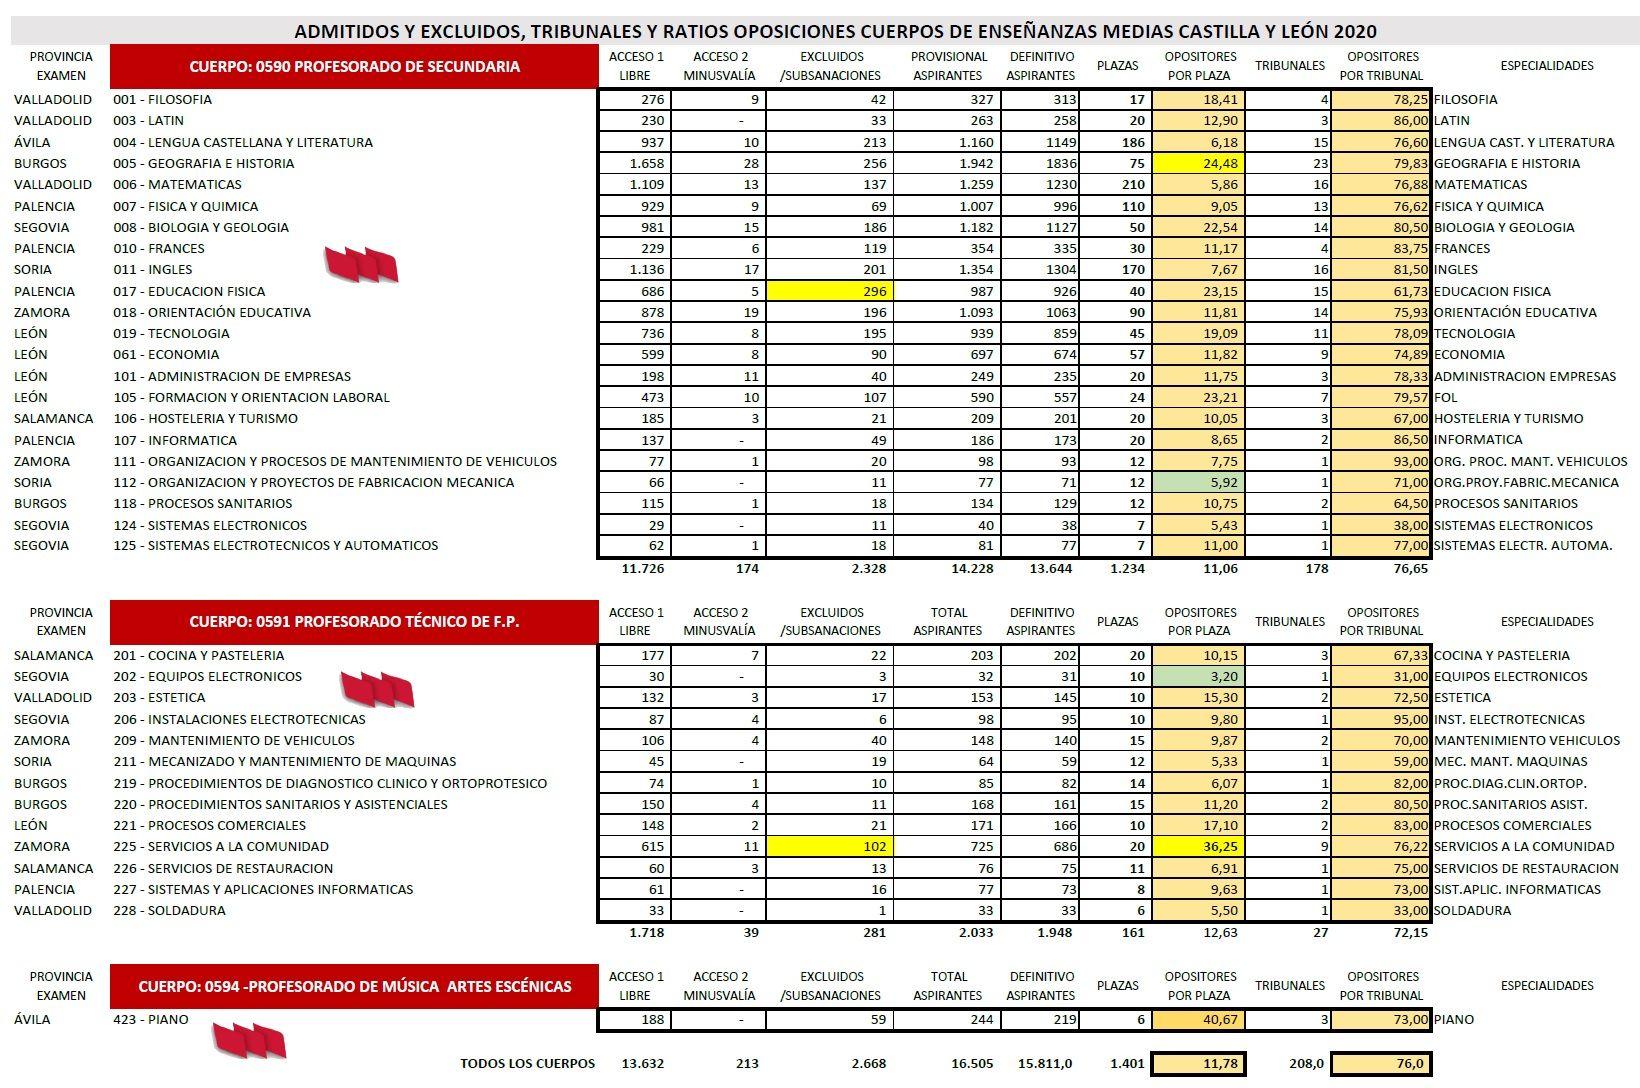 Estadisticas-Opos-2021CyL-1